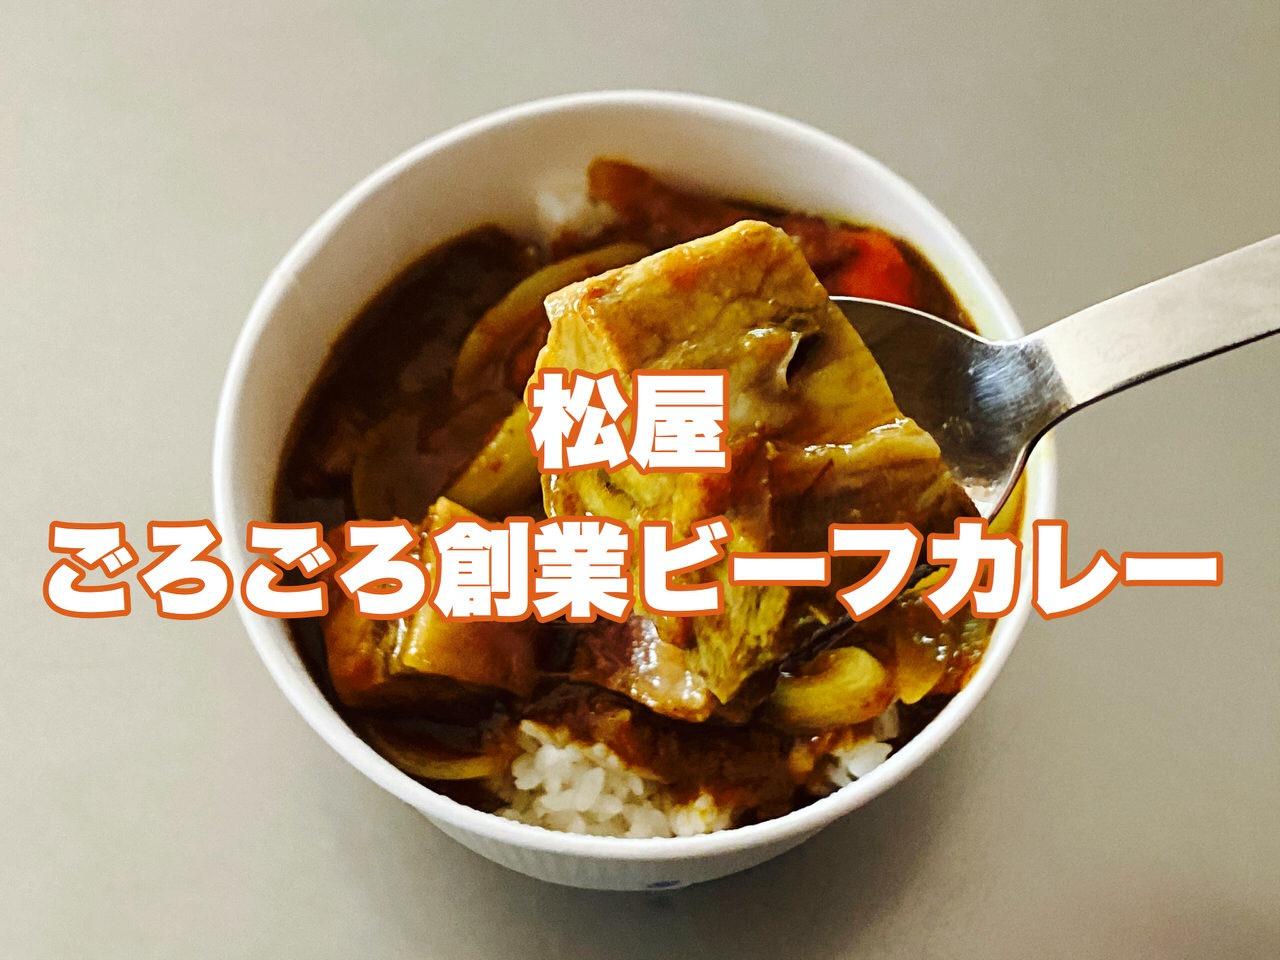 【松屋】ごろごろトロトロ大っきなビーフが美味い「ごろごろ創業ビーフカレー」